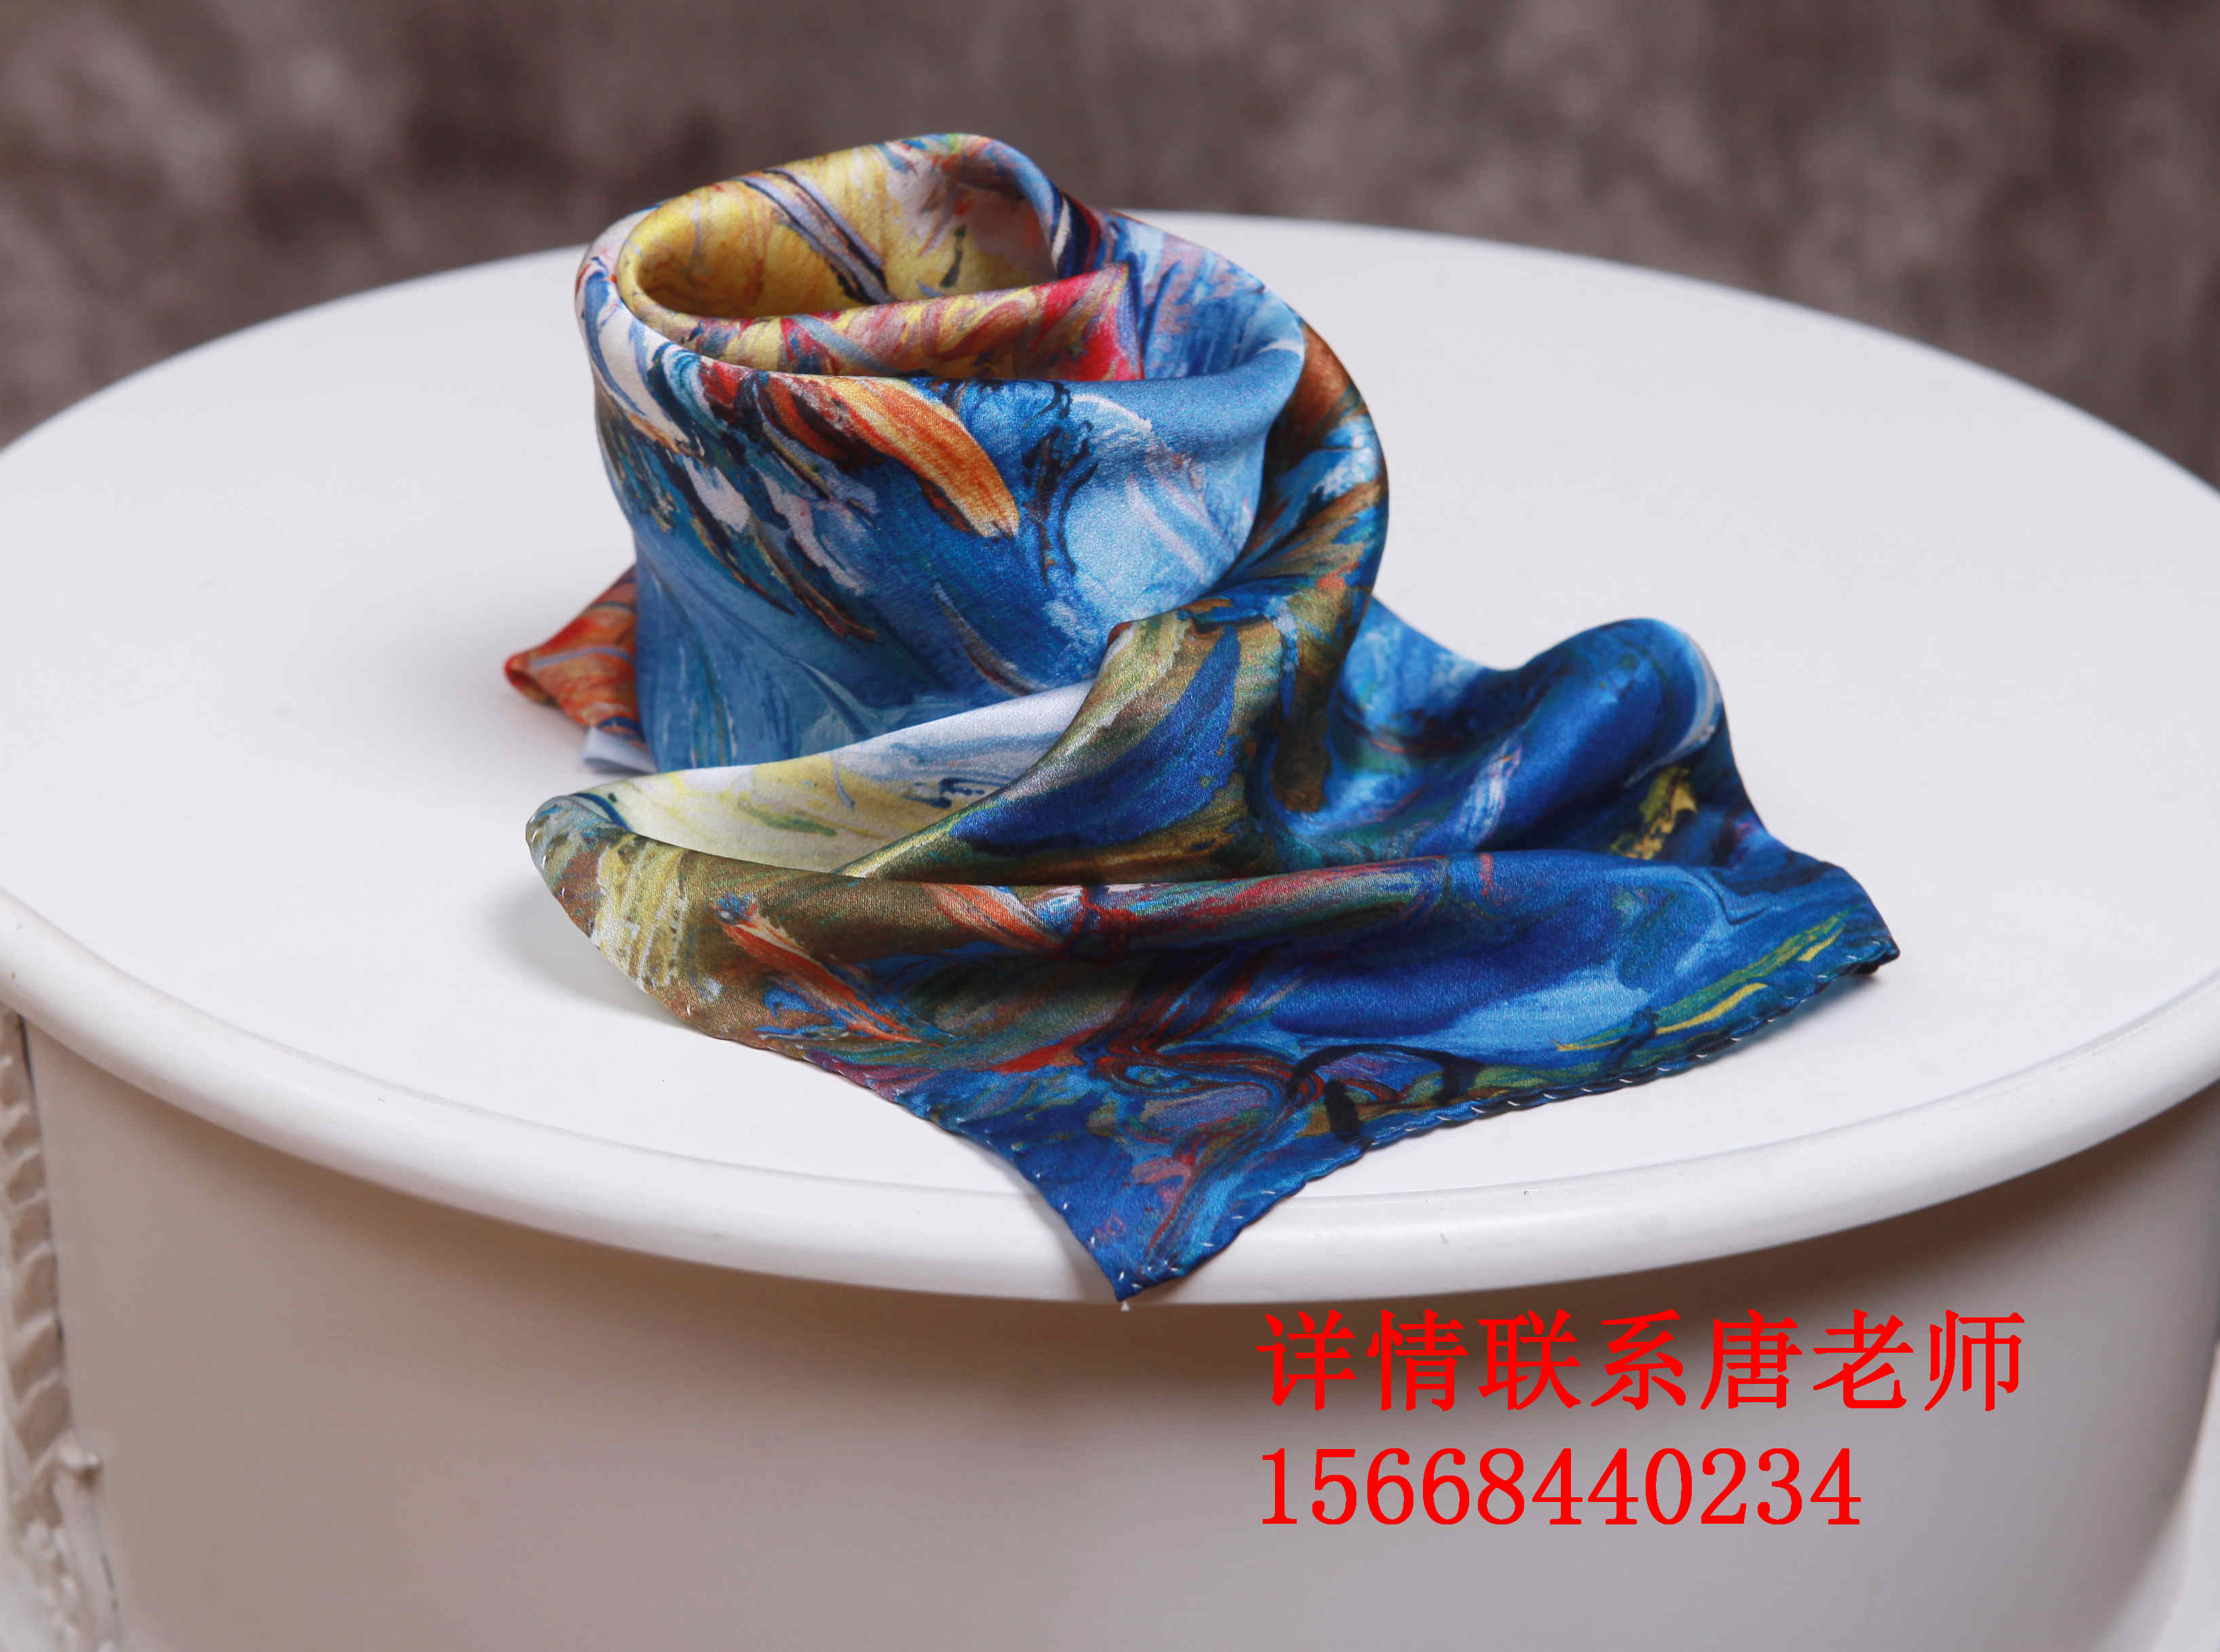 丝巾订做一手货源,山东国蕴蚕丝制品厂